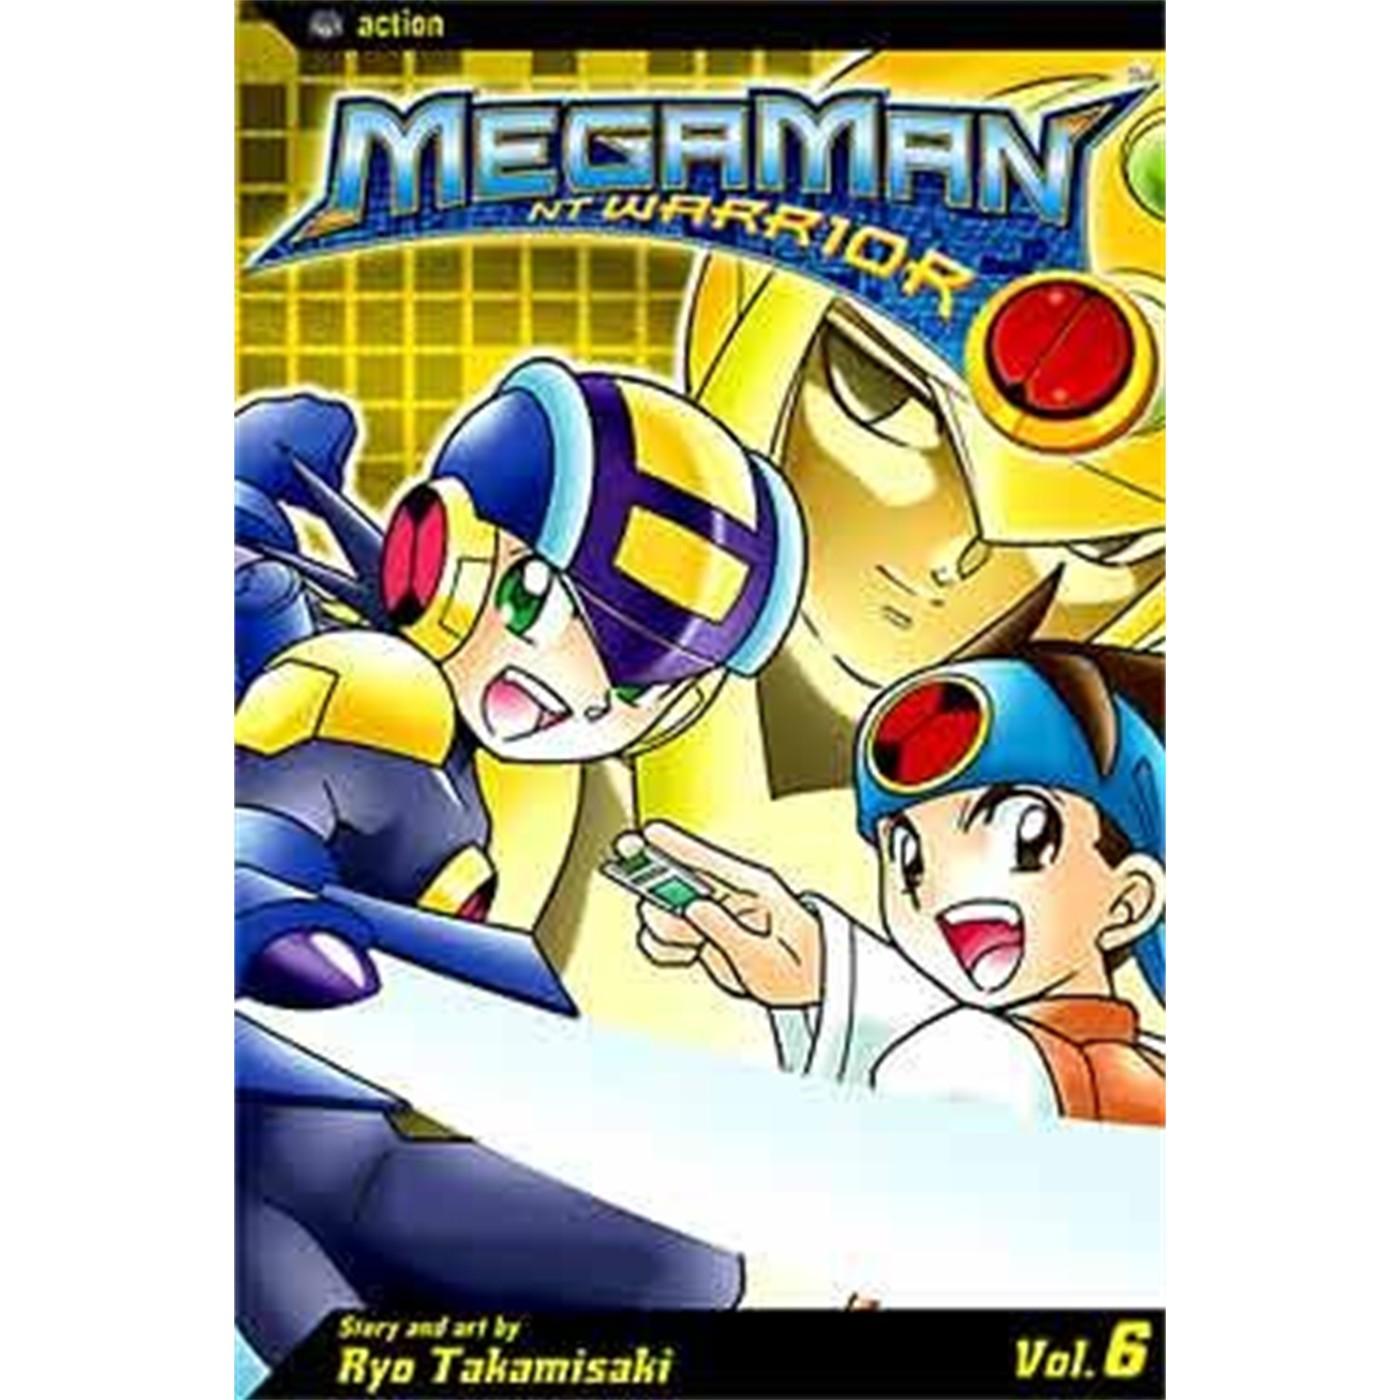 MEGAMAN NT WARRIOR, Vol. 6